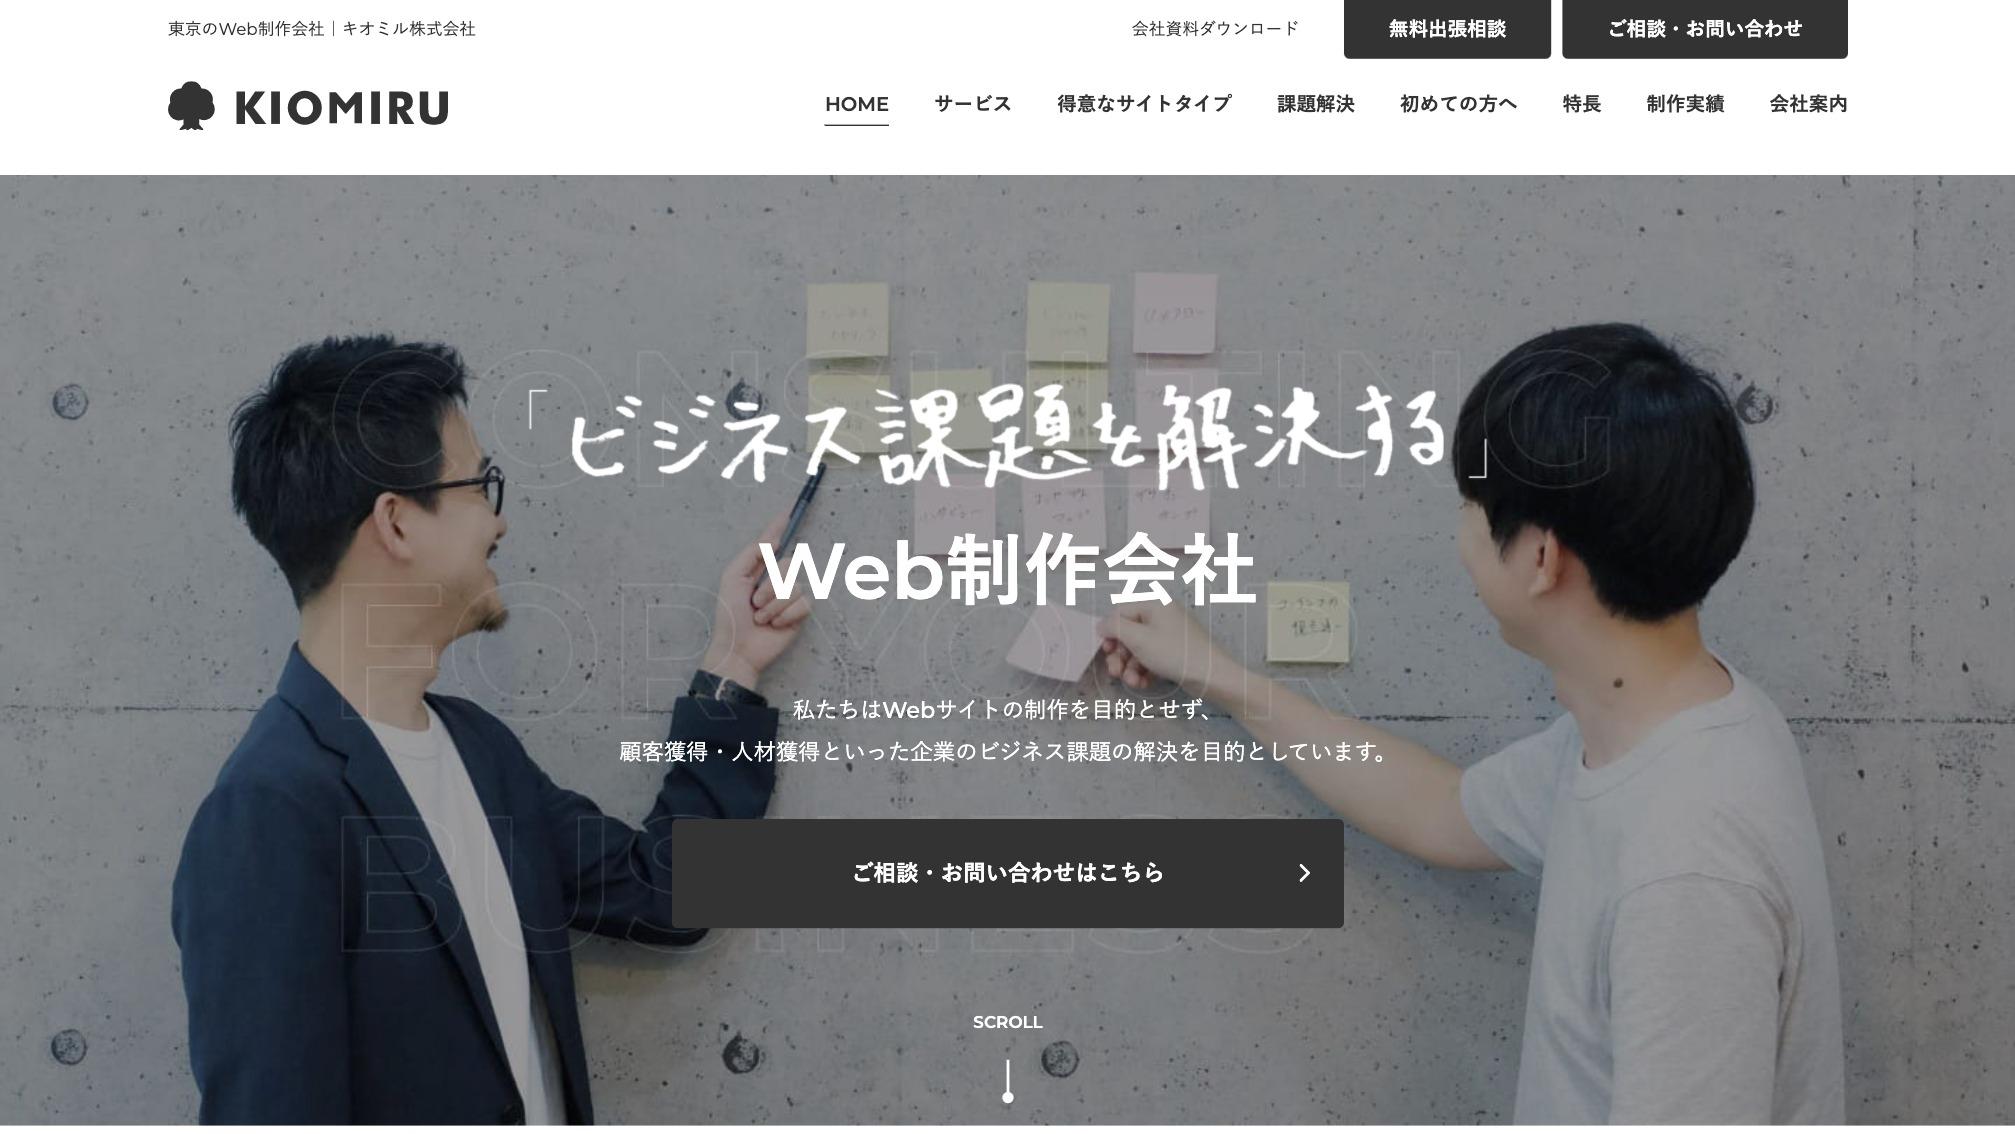 東京のWeb制作会社|キオミル株式会社